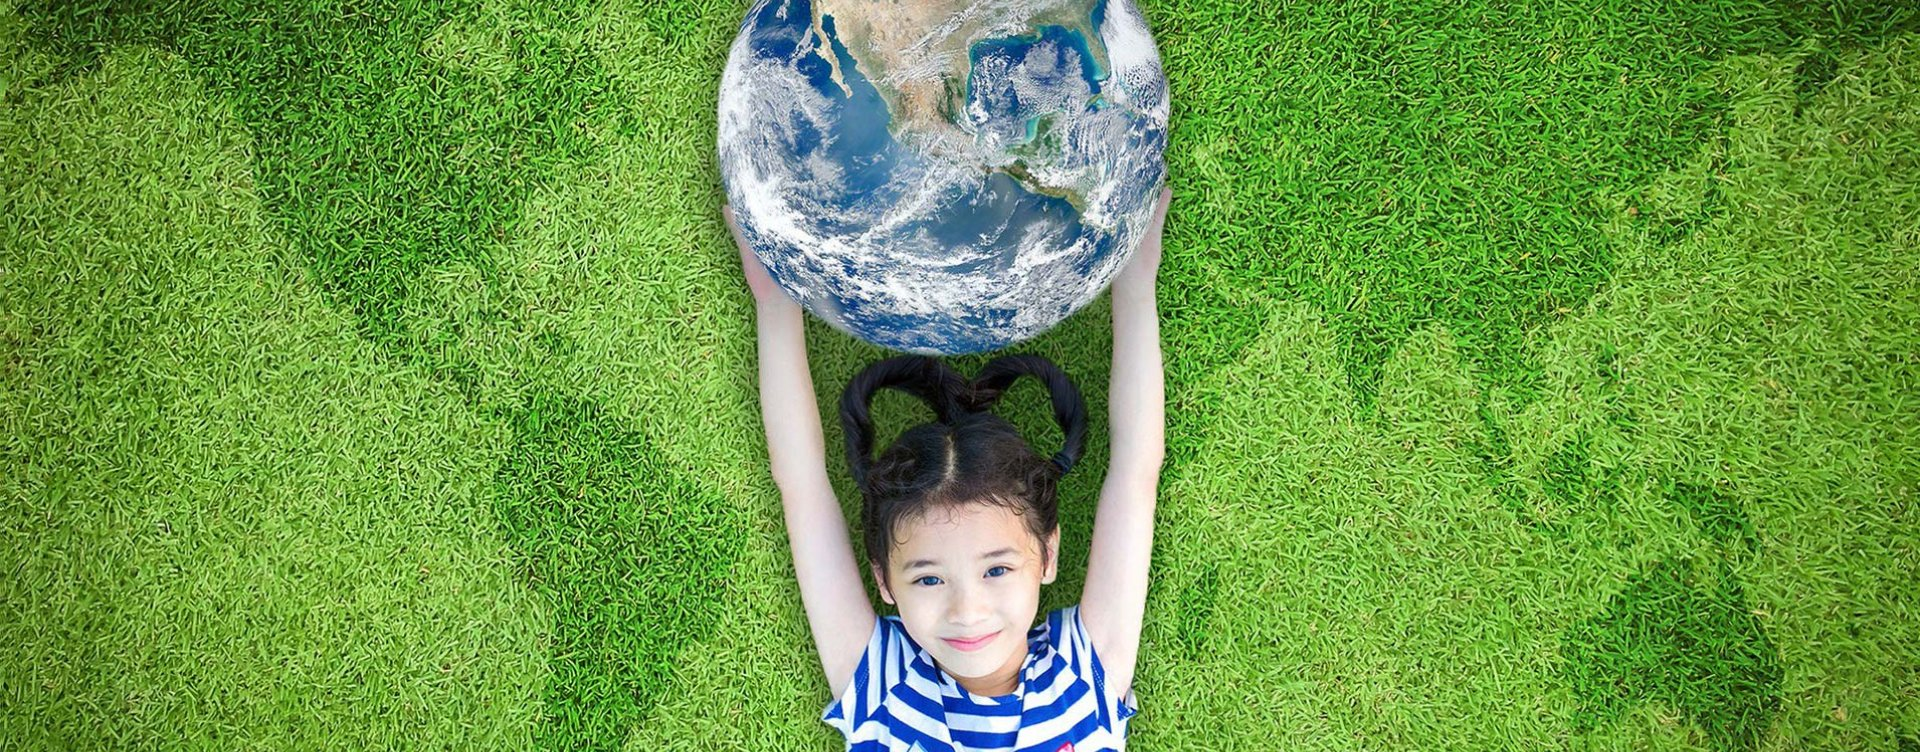 Świat w zasięgu ręki - WAKACJE PODRÓŻNIKÓW W ARŁAMOWIE!